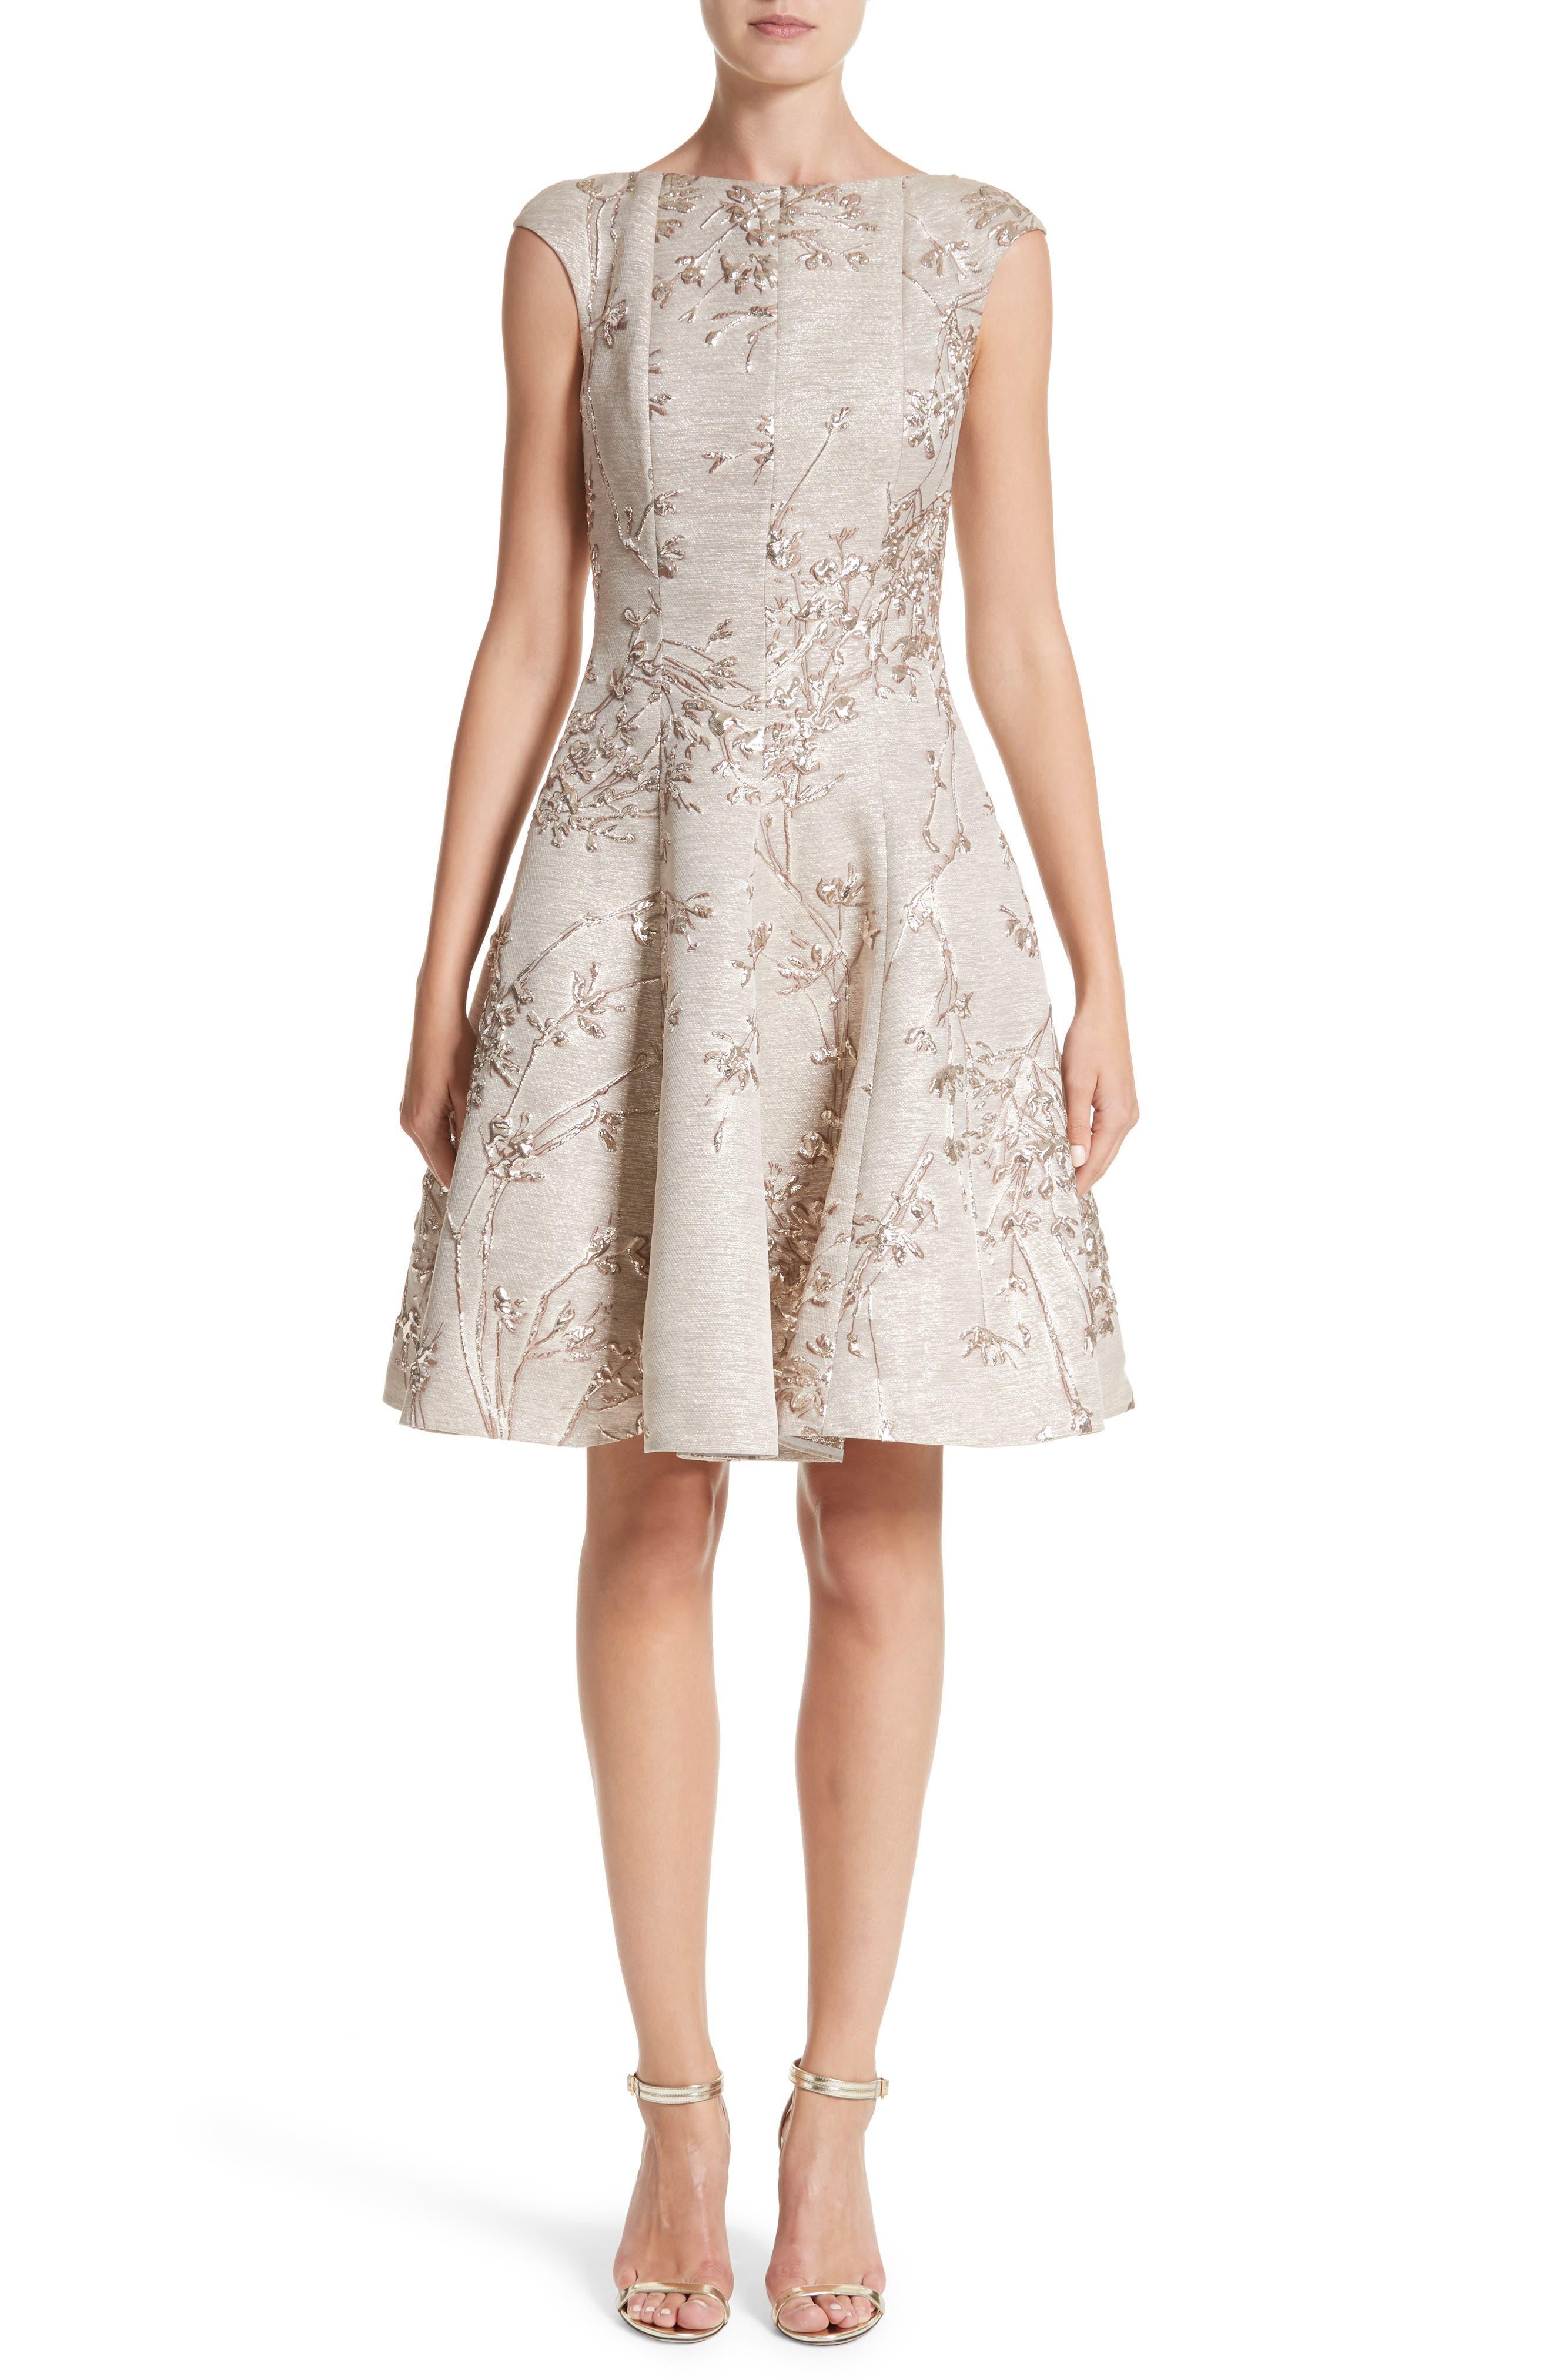 Alternate Image 1 Selected - Talbot Runhof Metallic Twig Jacquard Dress